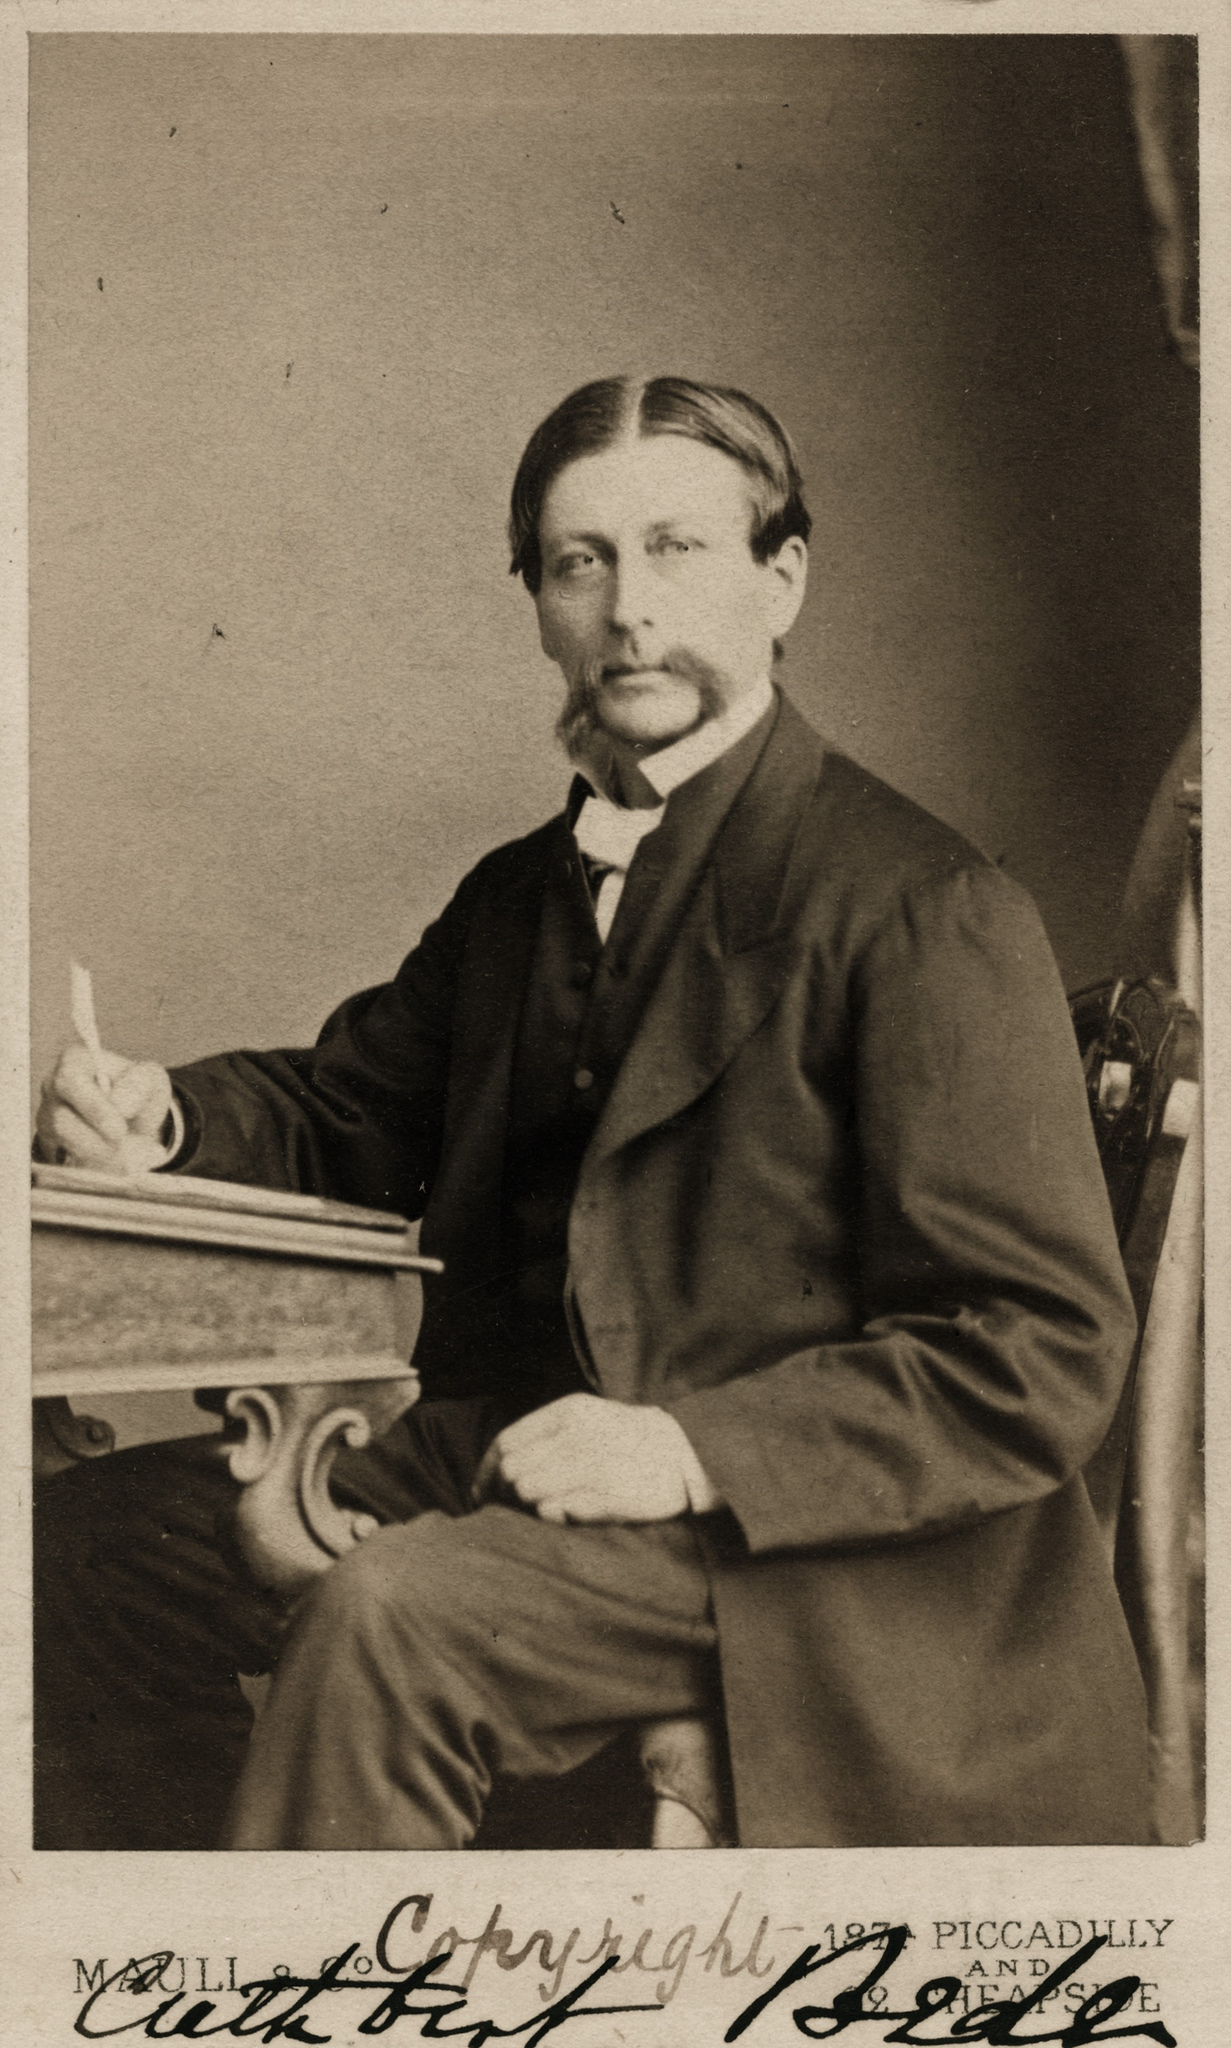 1870. Преподобный Эдвард Брэдли (1827-1889), он же Катберт Беде, писатель-романист, карикатурист, иллюстратор и сатирик